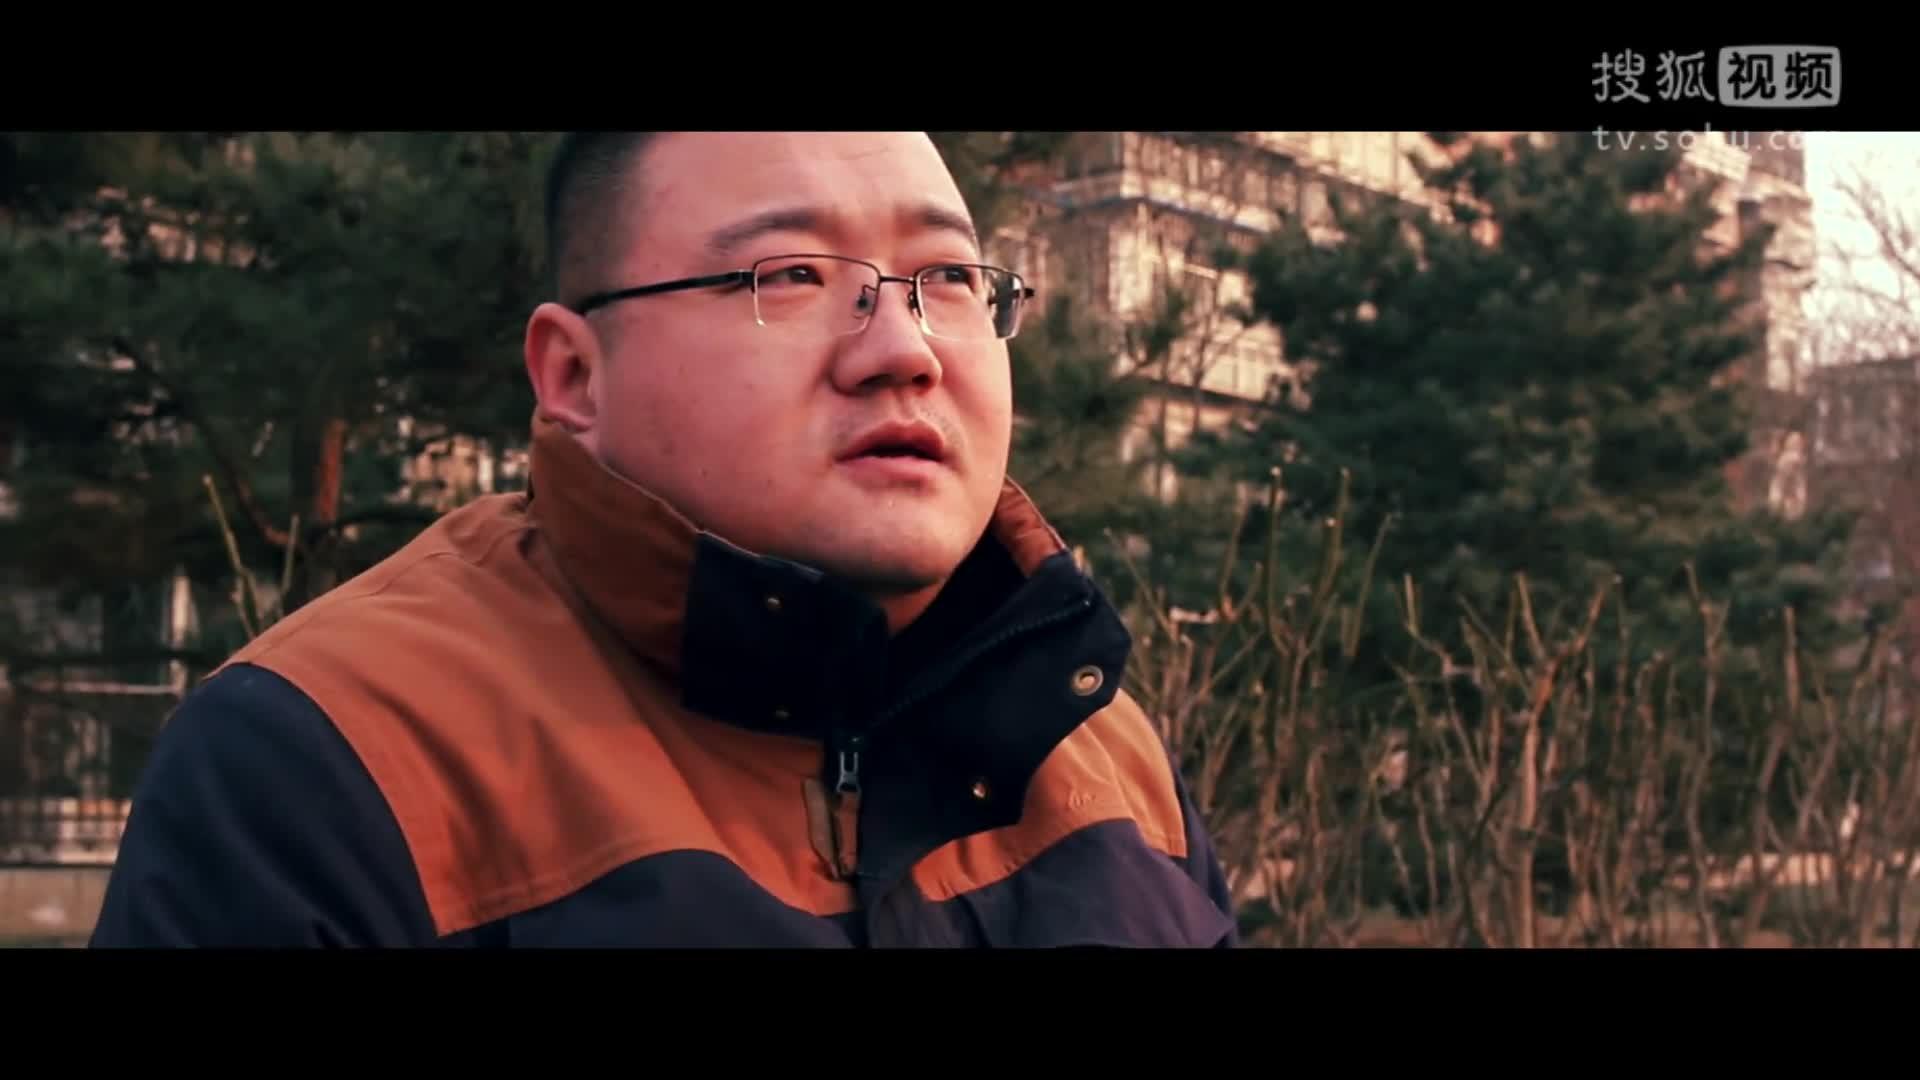 鬼火冲:男公关的悲惨遭遇